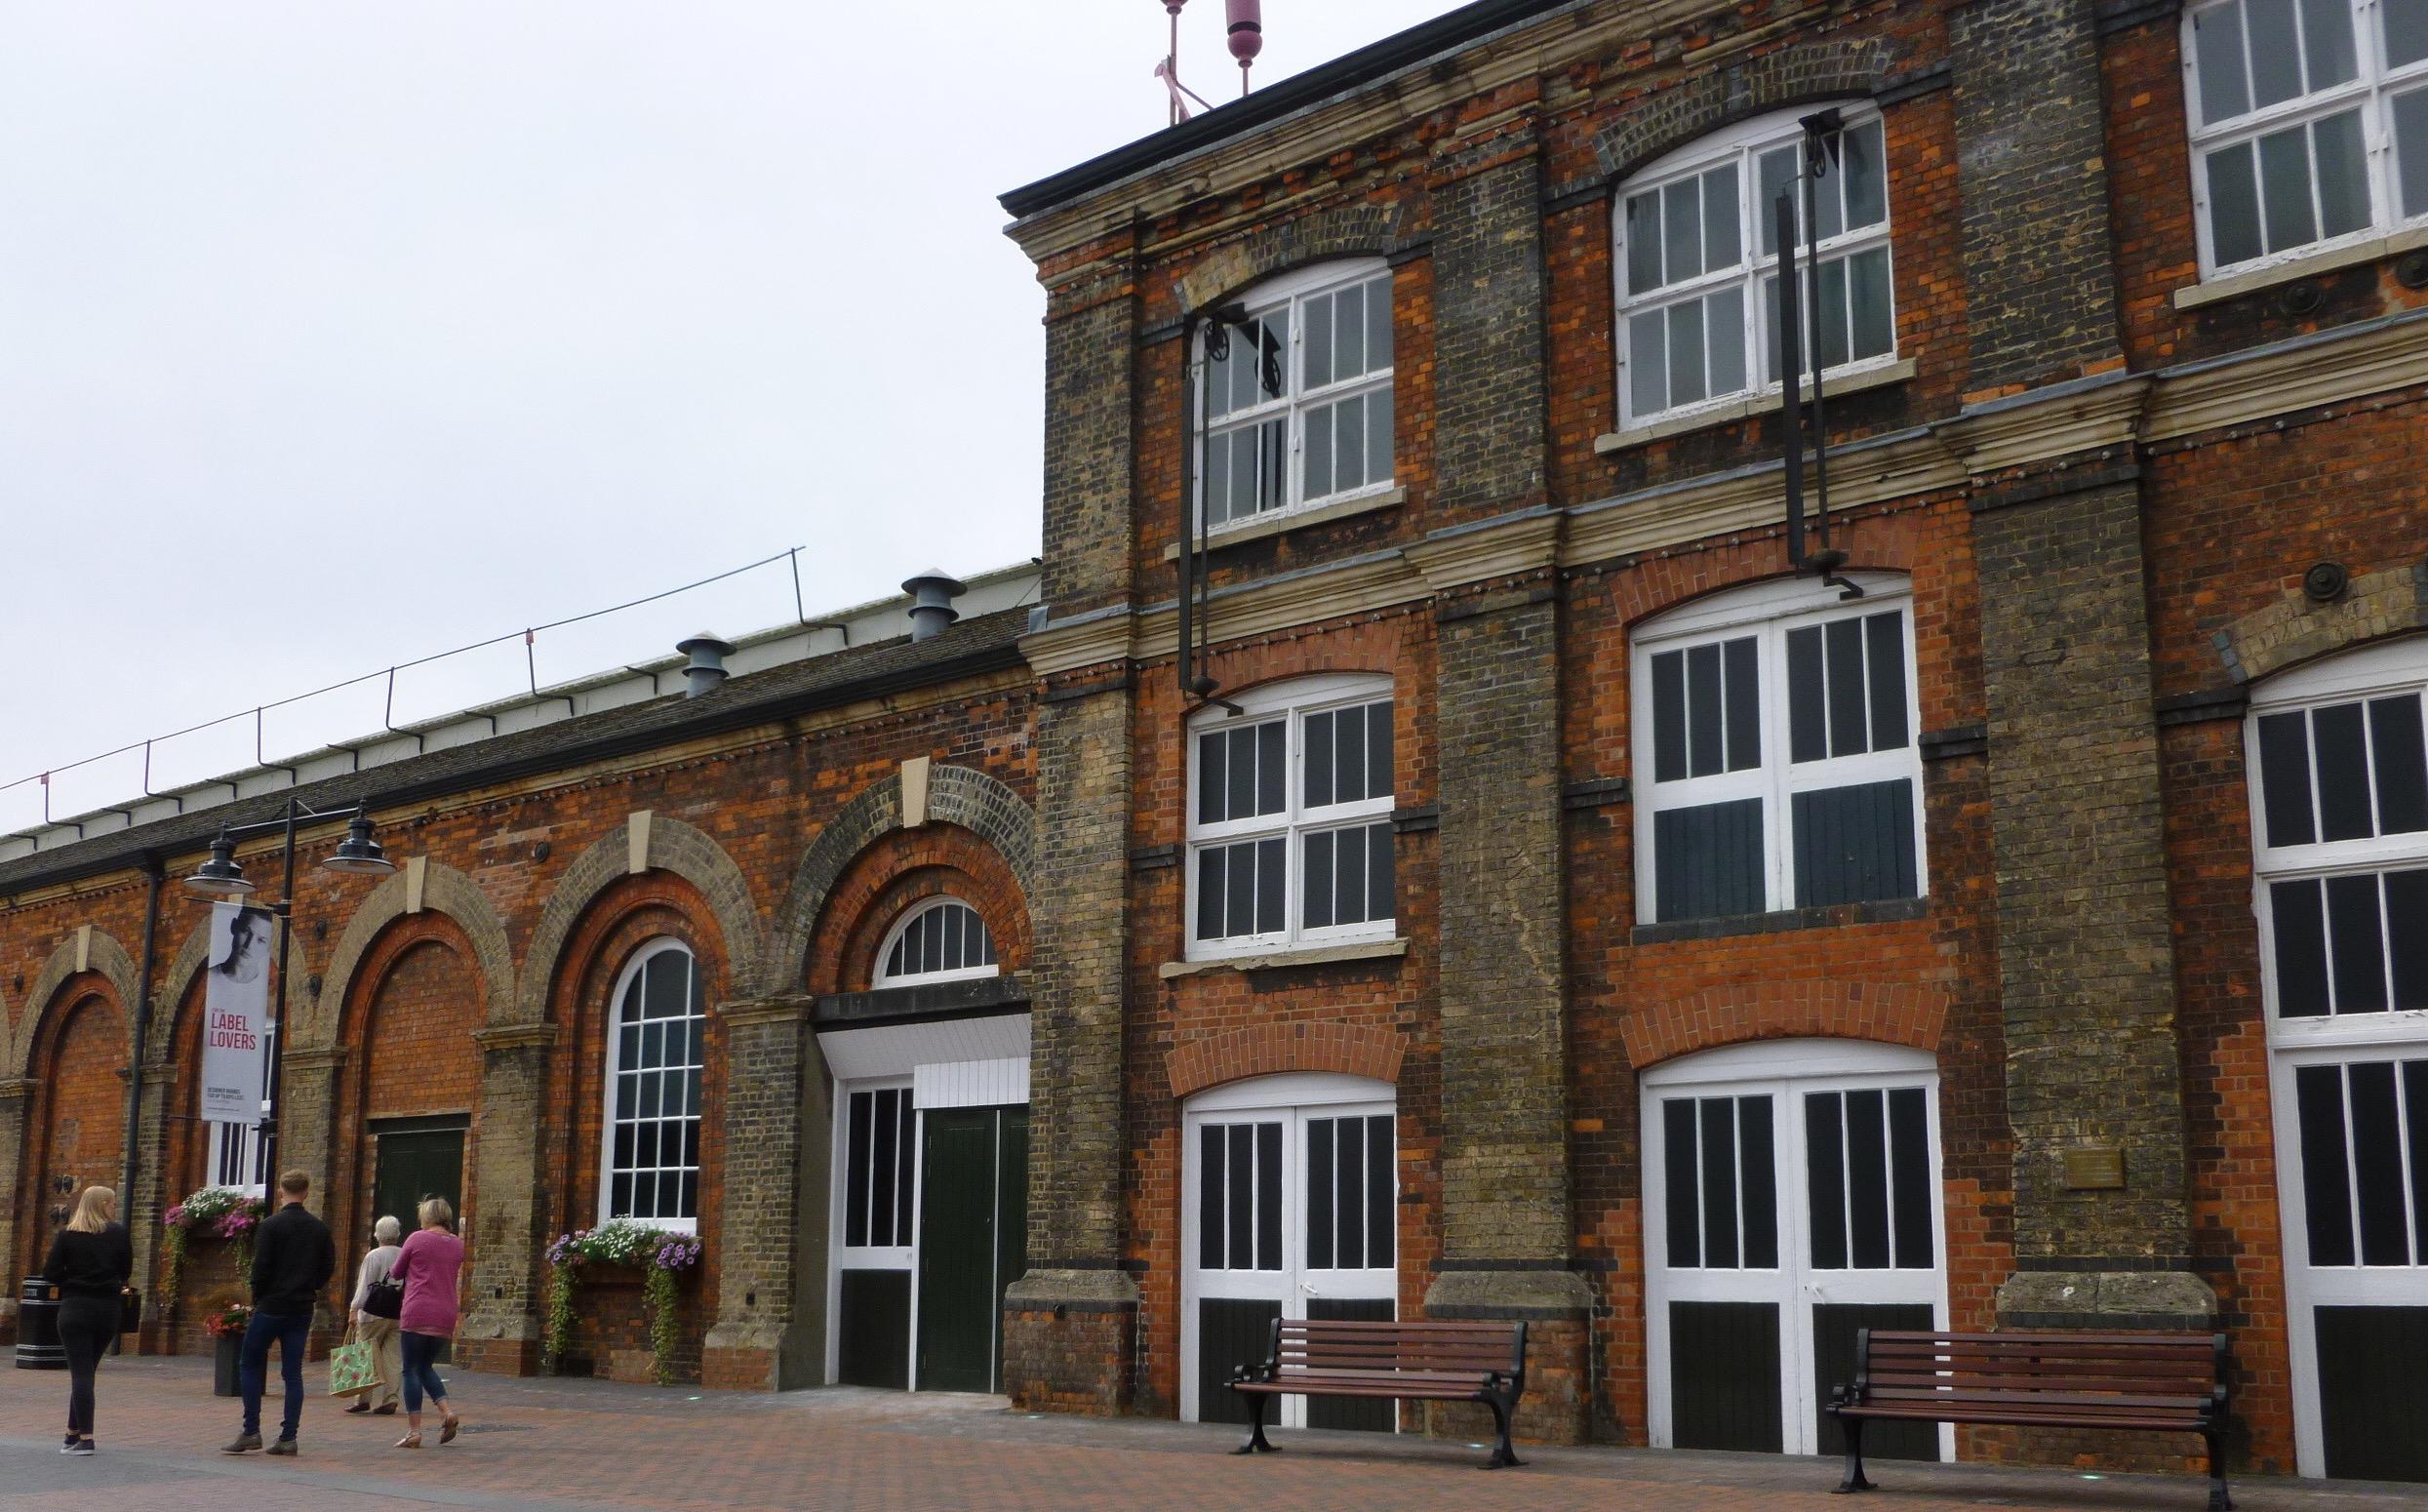 Brick work at Swindon Designer Outlet.